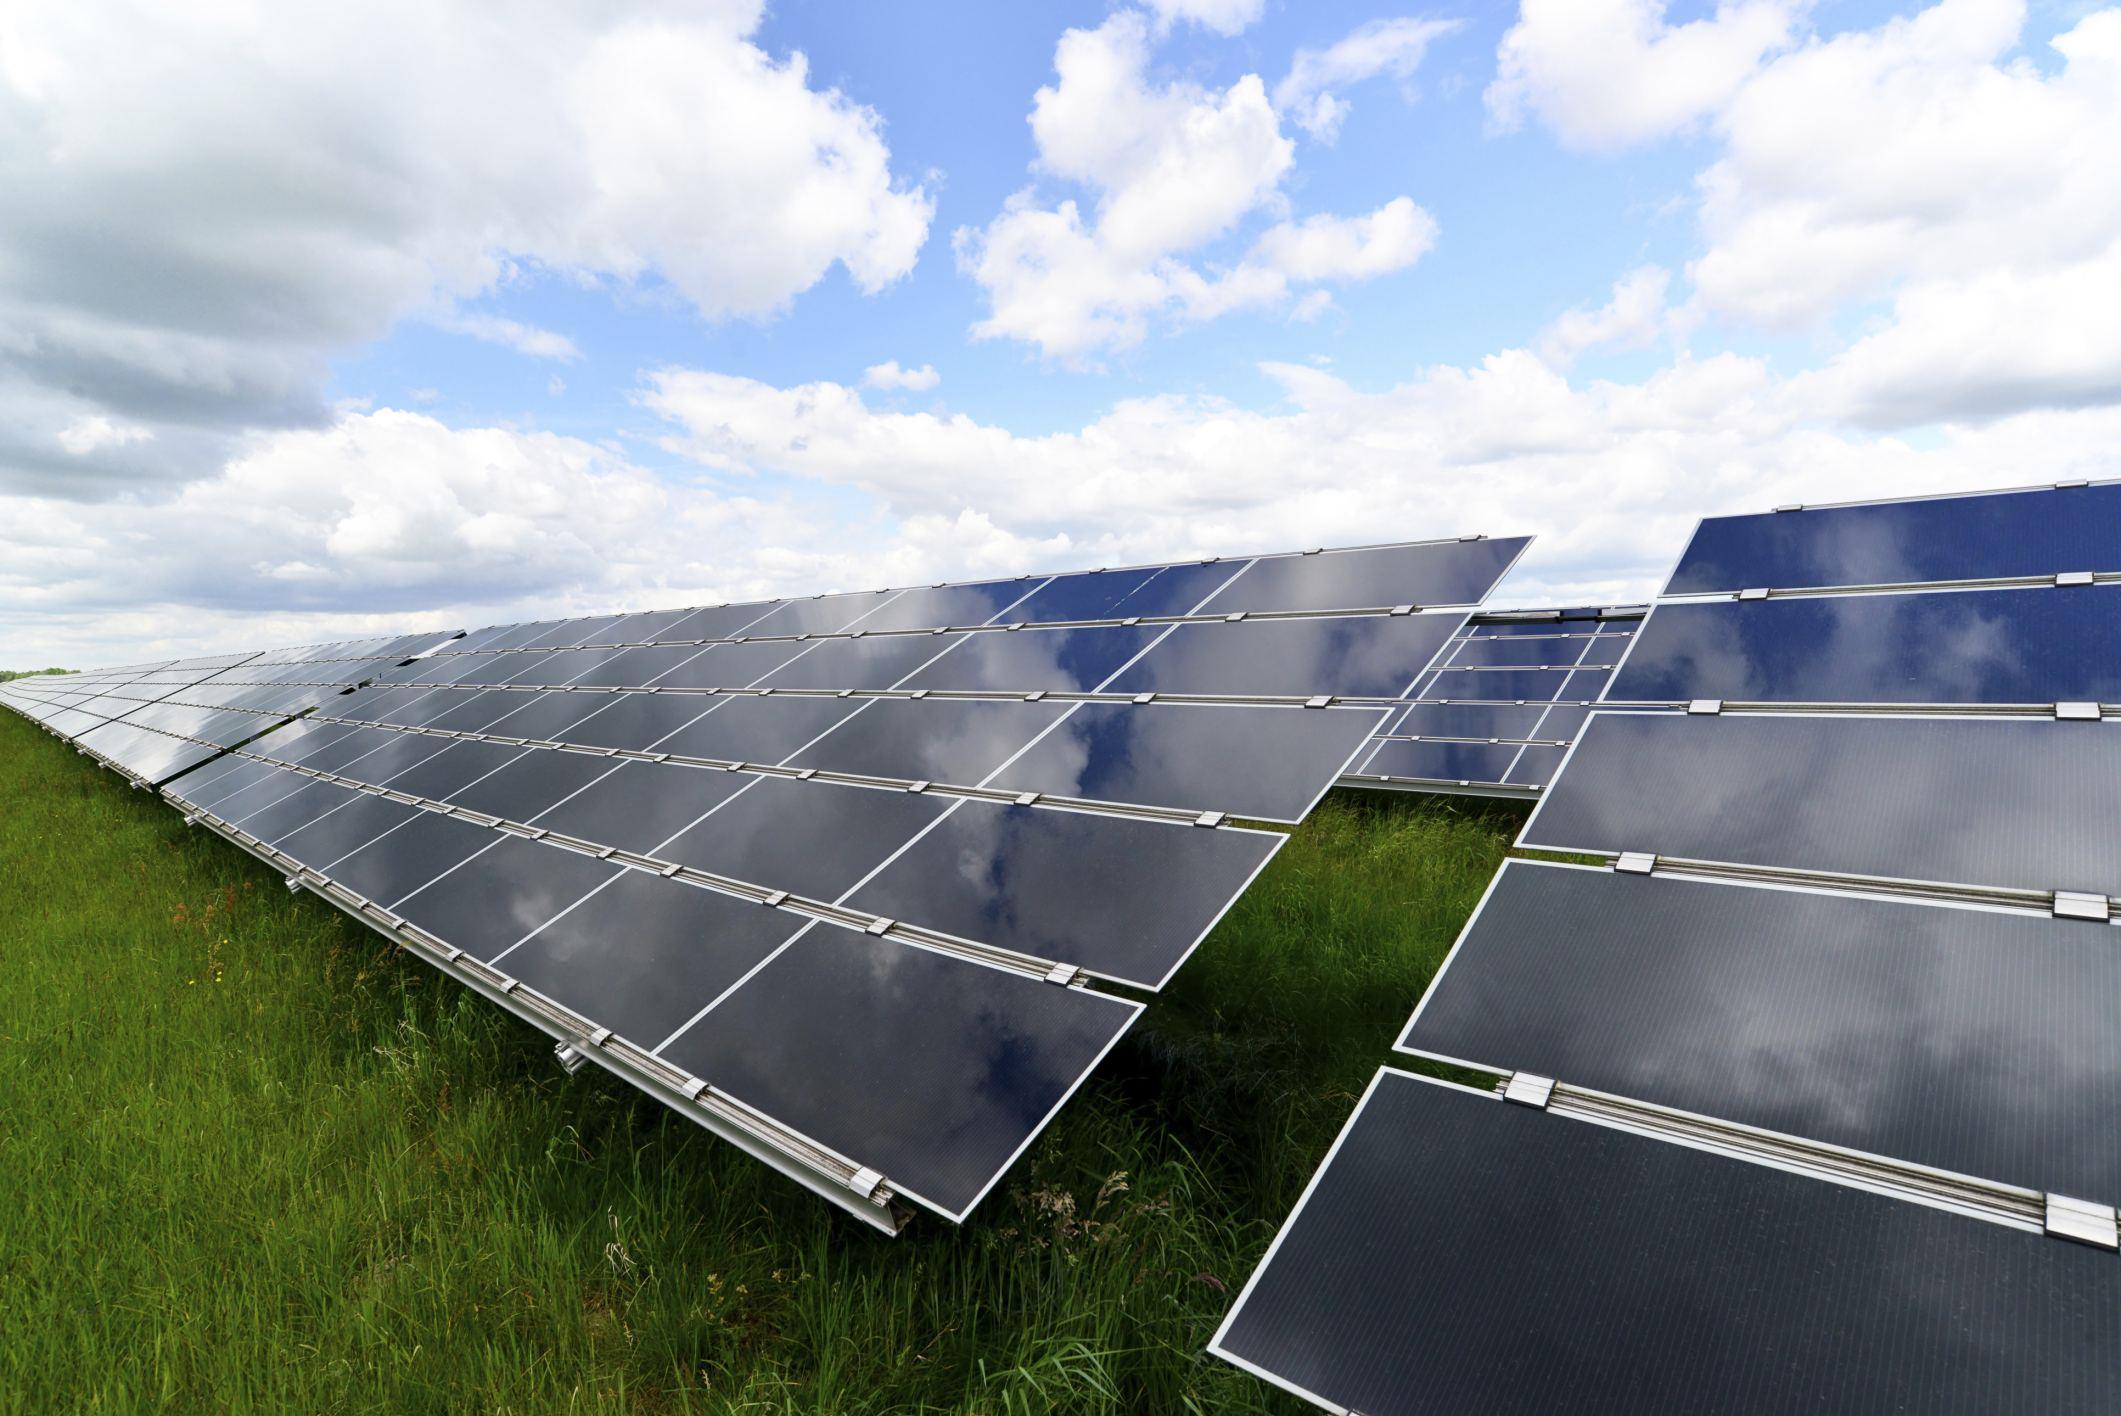 澳大利亚将建该国目前最大太阳能电场